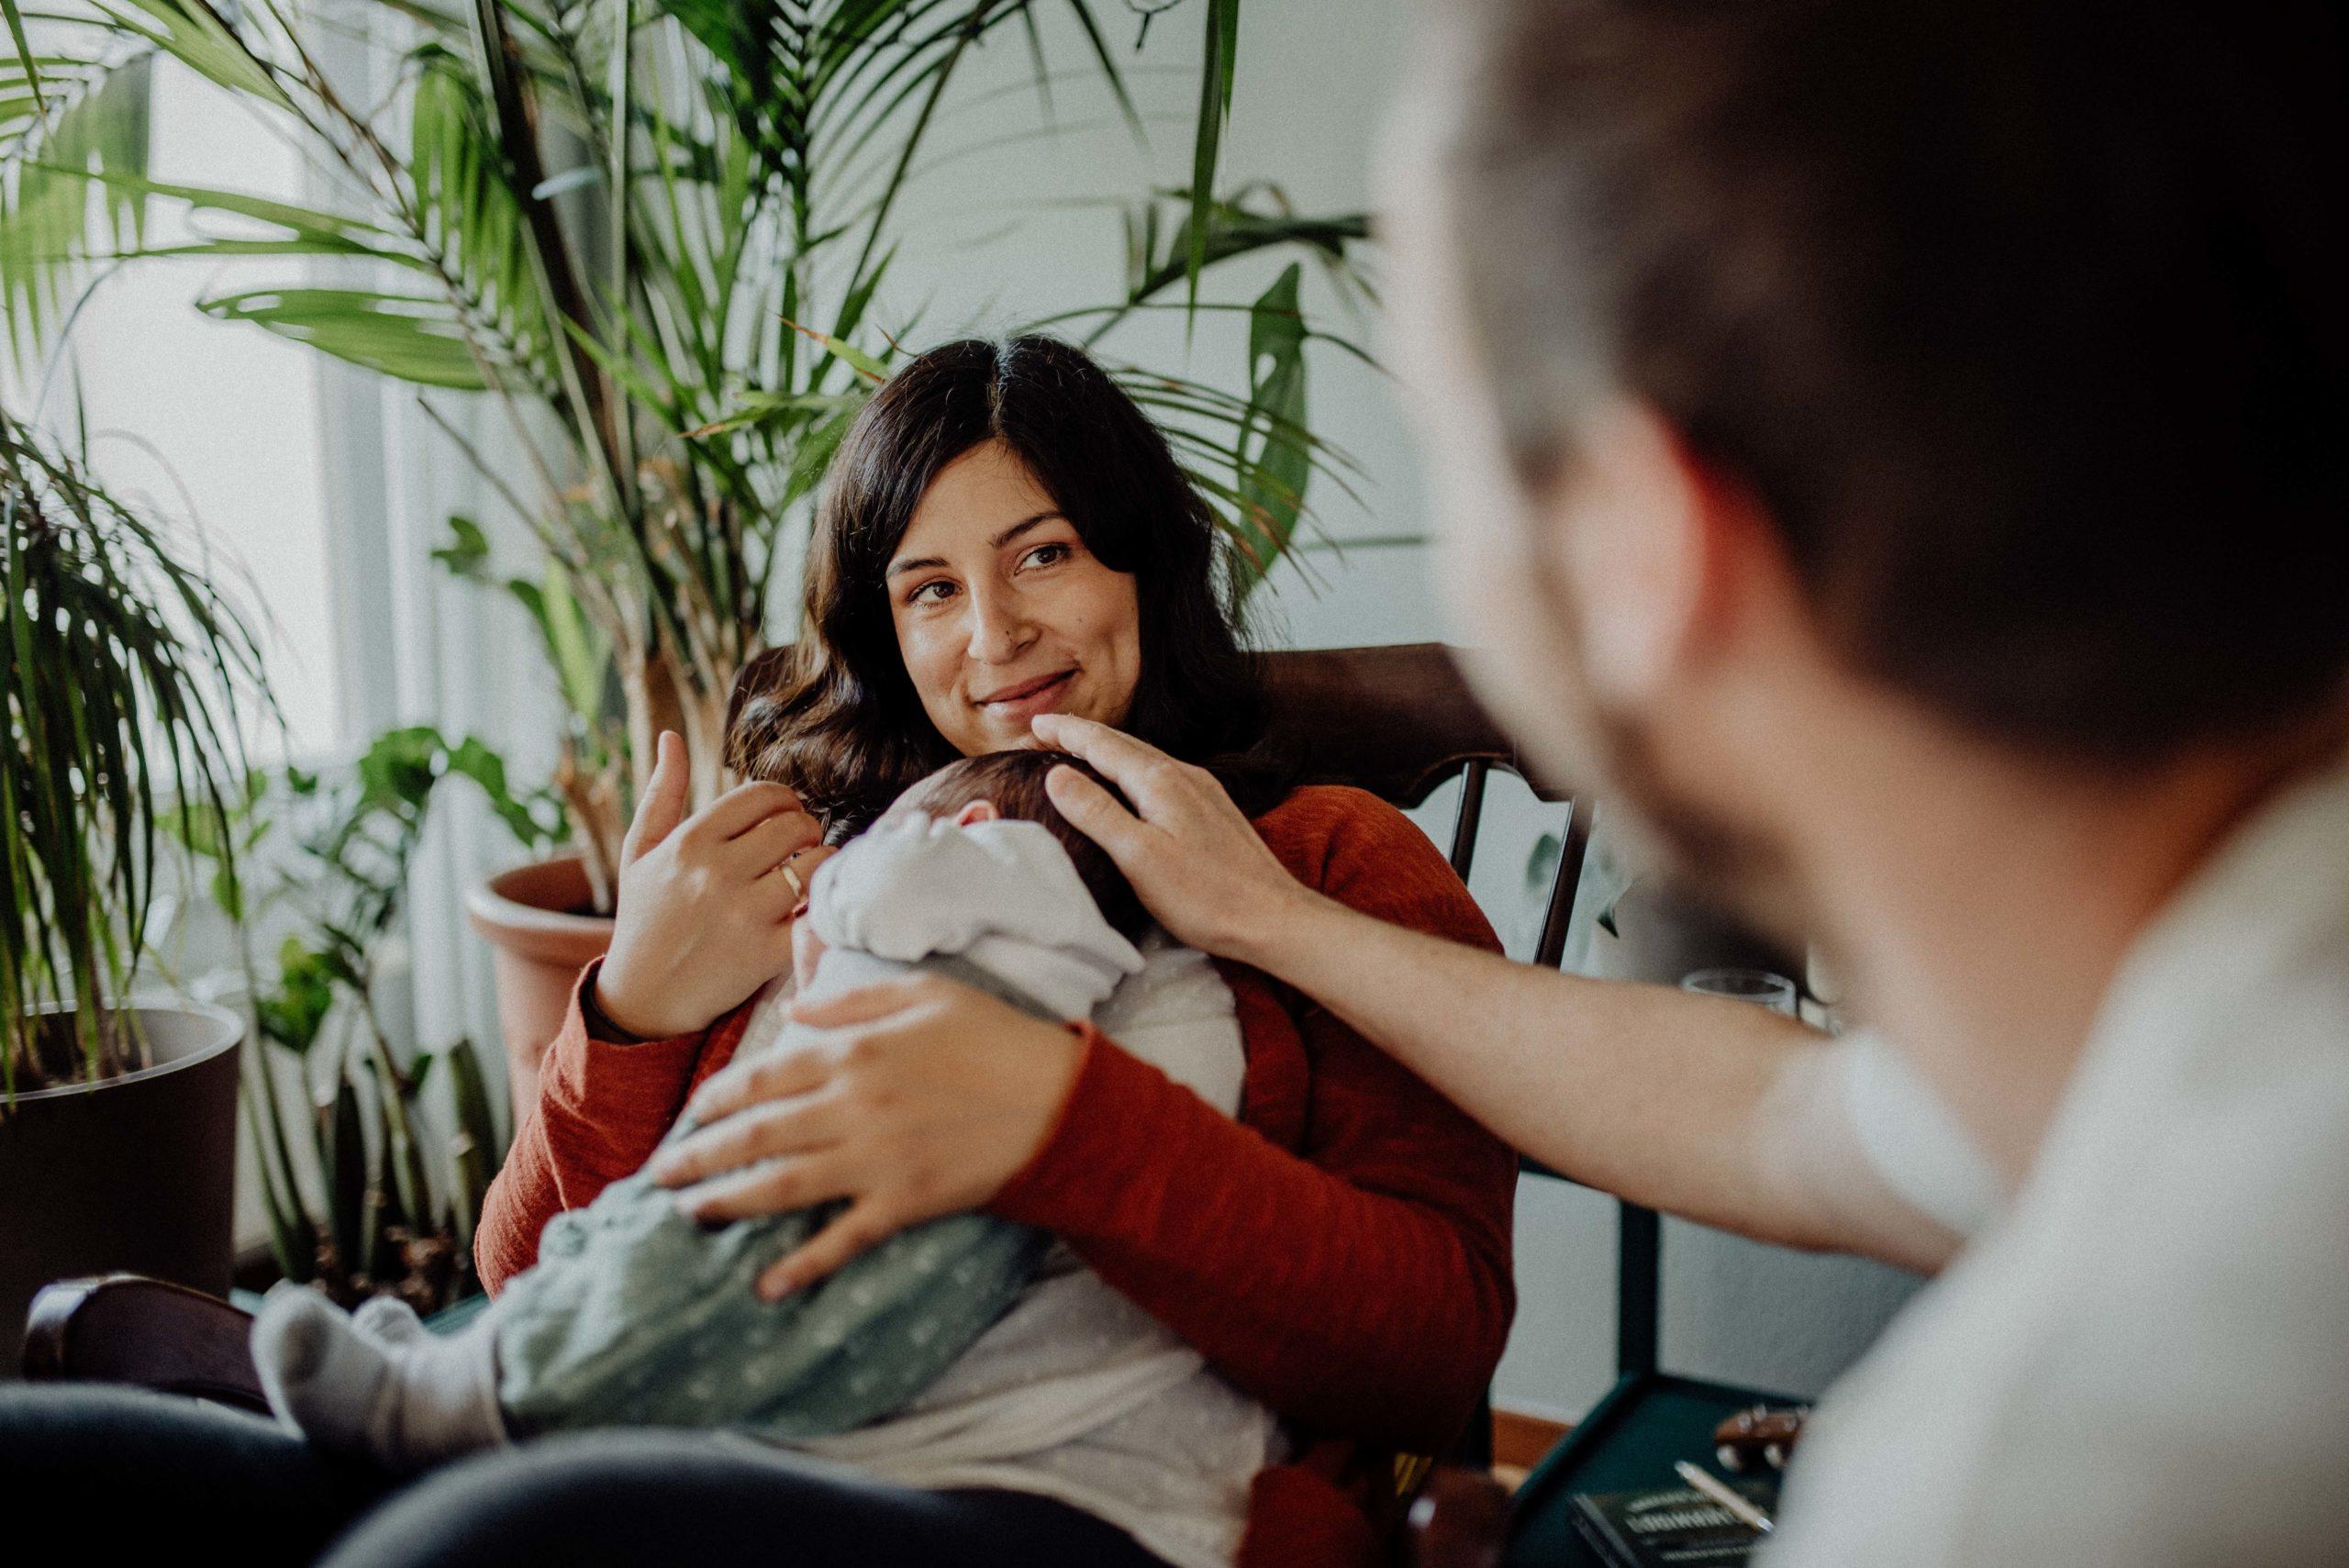 031-Witten-Homestory-Homesession-Newborn-Baby-Fotoshooting